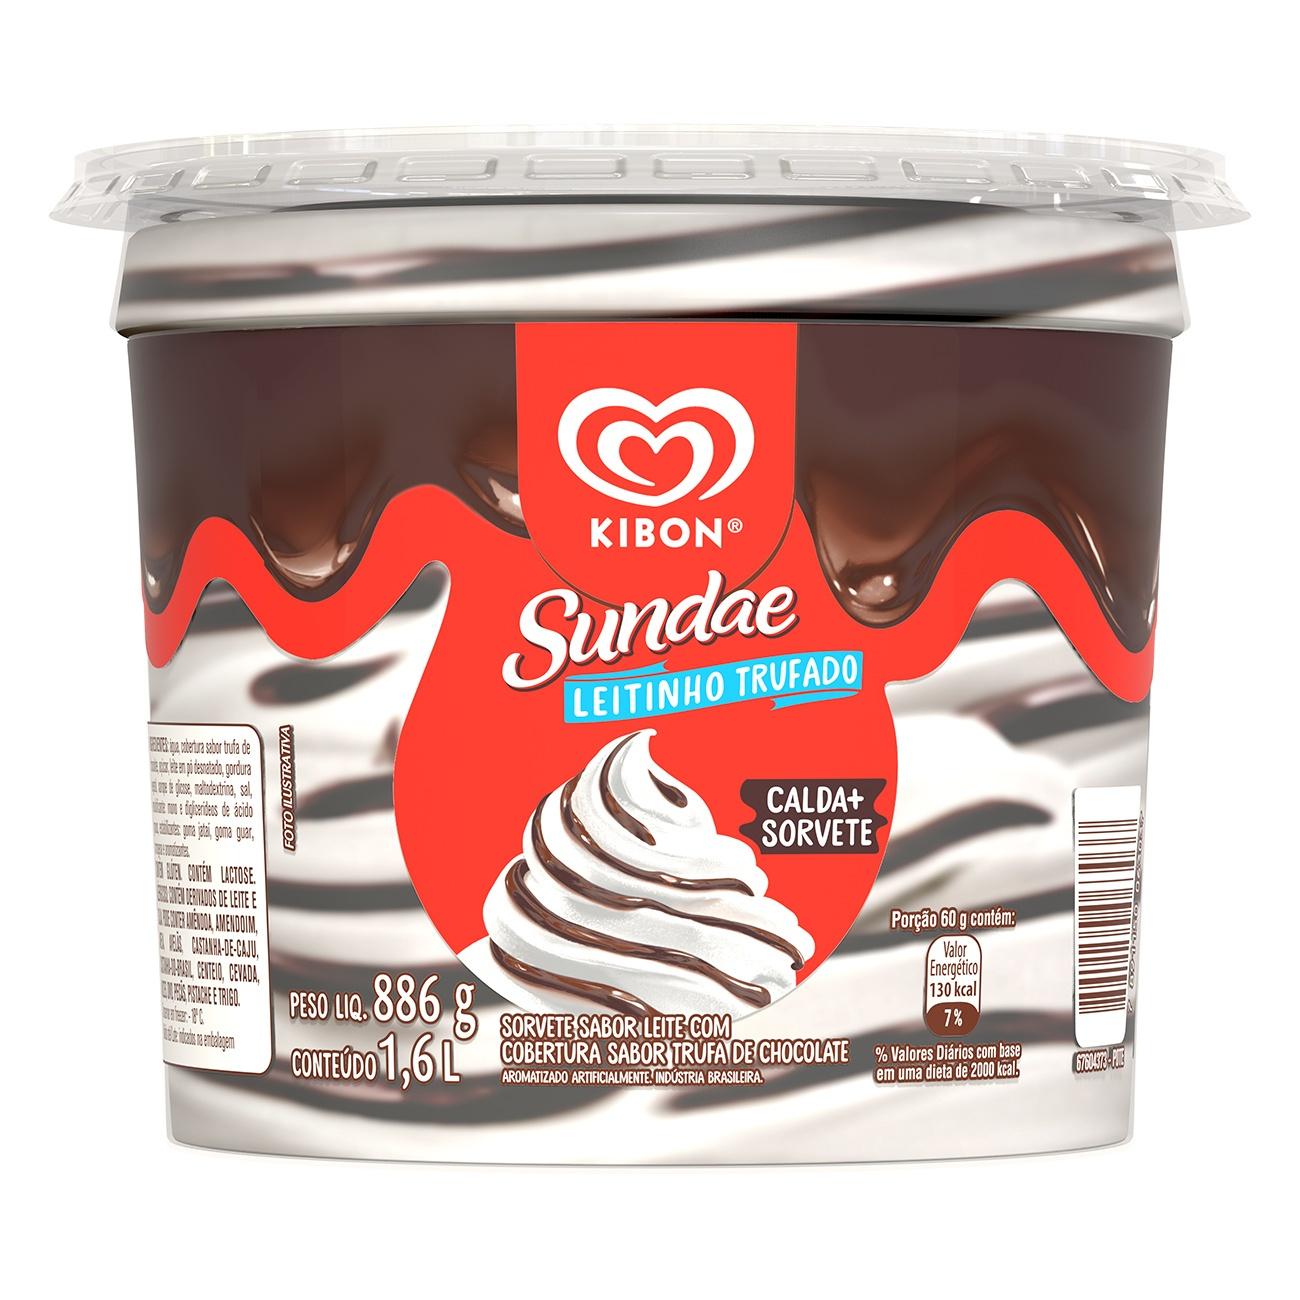 Sorvete Kibon Sundae Leite Trufado 1.6L l Caixa com 4